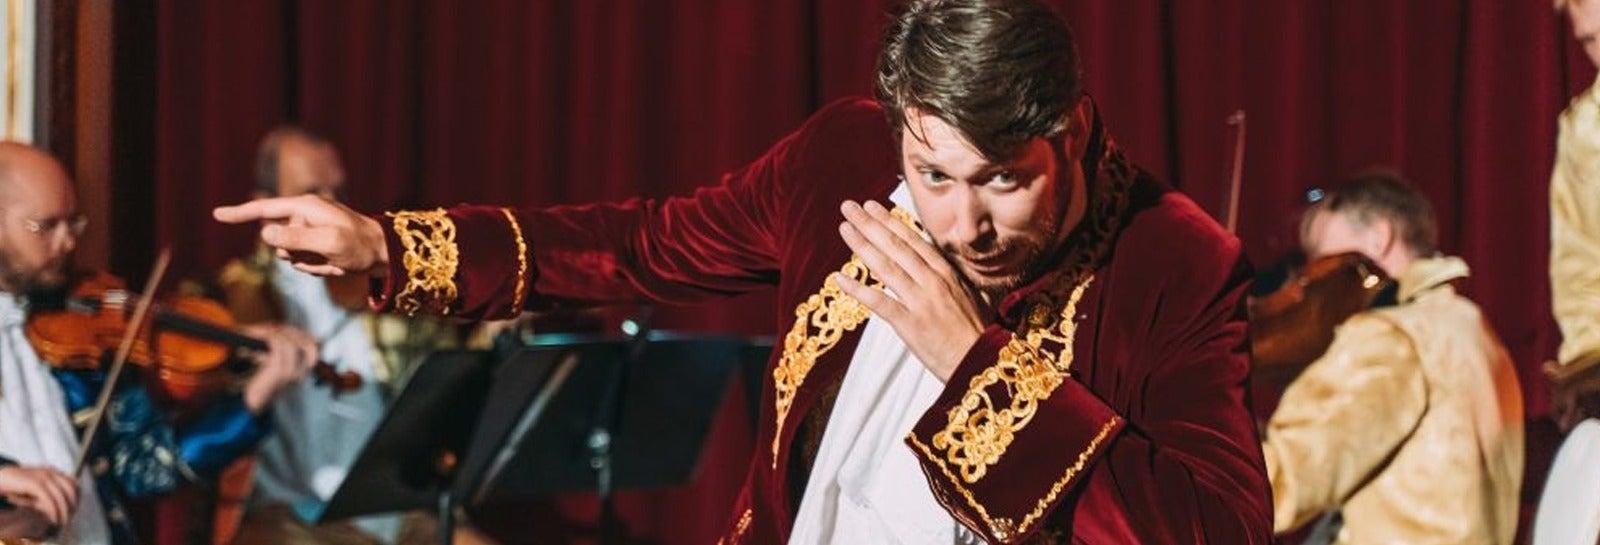 Cena y concierto de Mozart en el Grand Hotel Bohemia